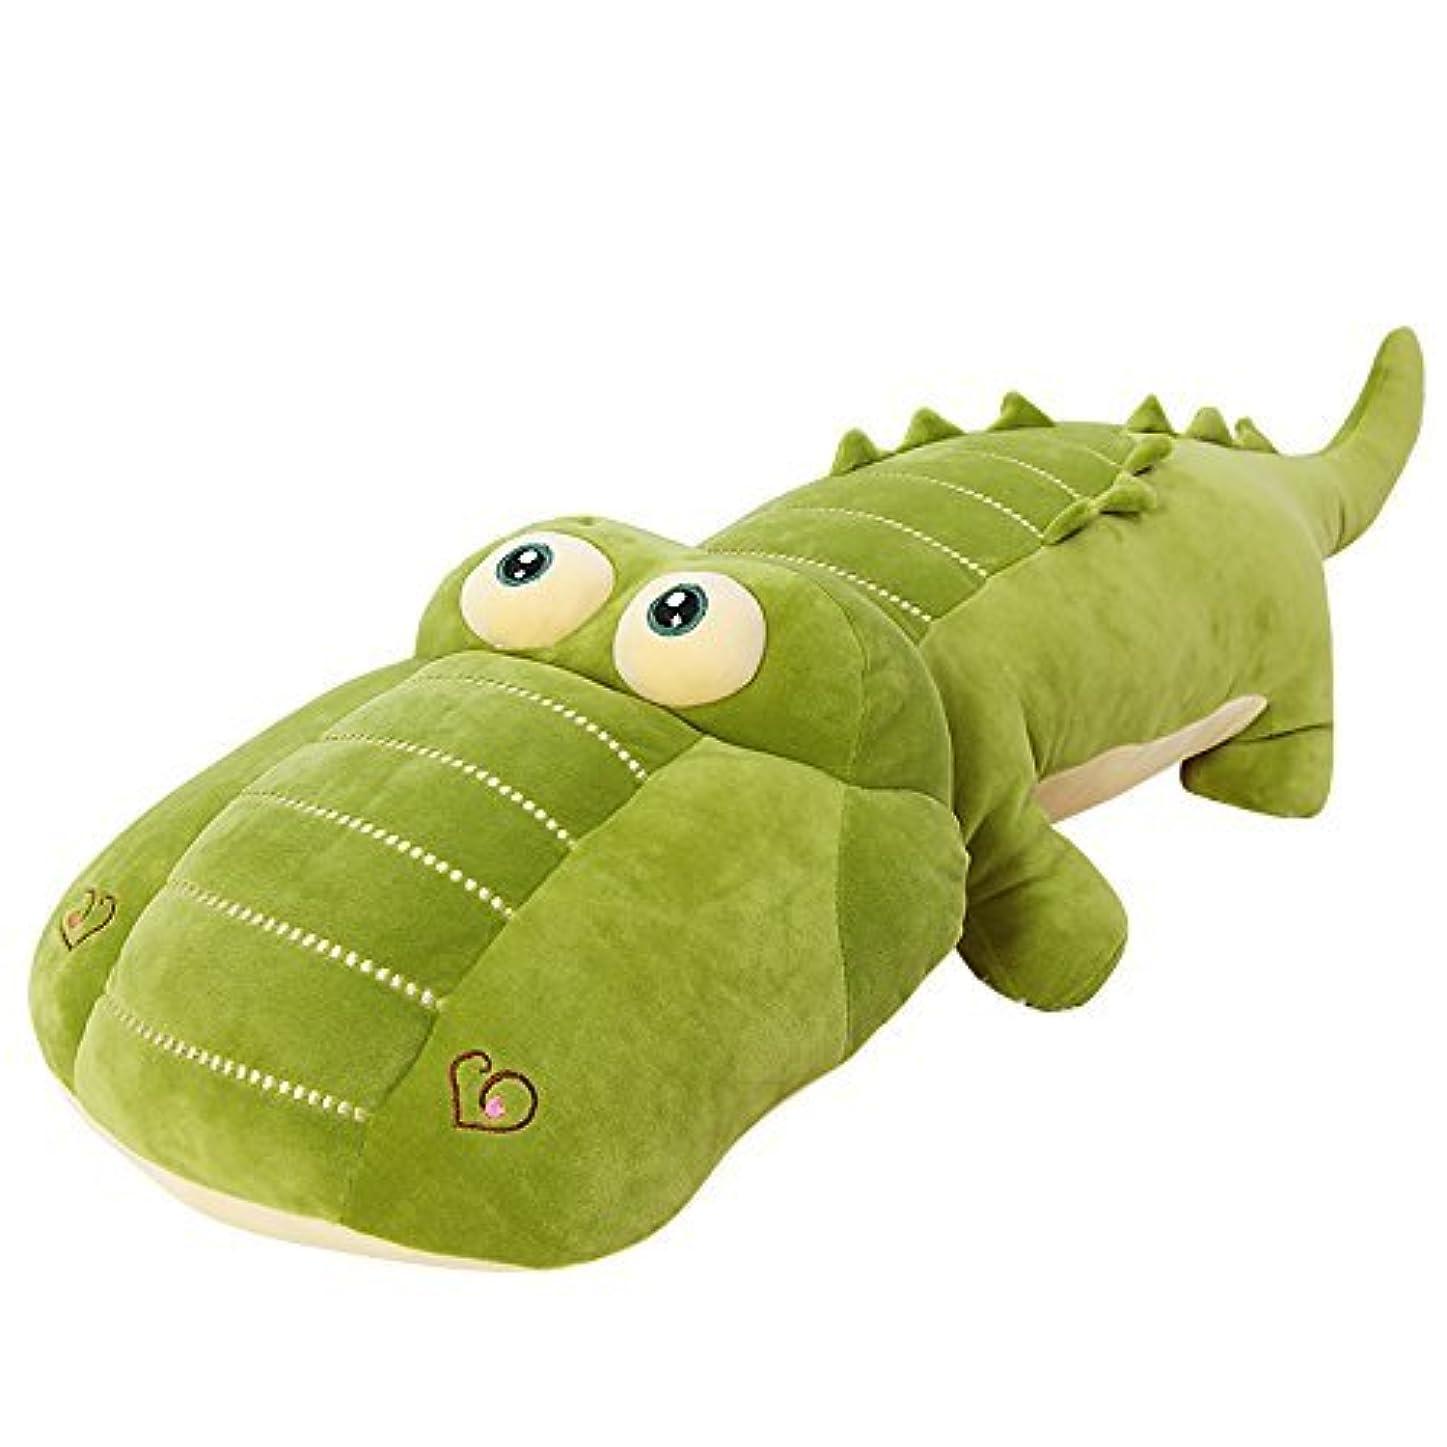 共役お風呂記録(viviwo) 抱きまくら ワニ おもちゃ ワニぬいぐるみ 可愛い クッション イベント お祝い ワニ 抱き枕 (65cm)